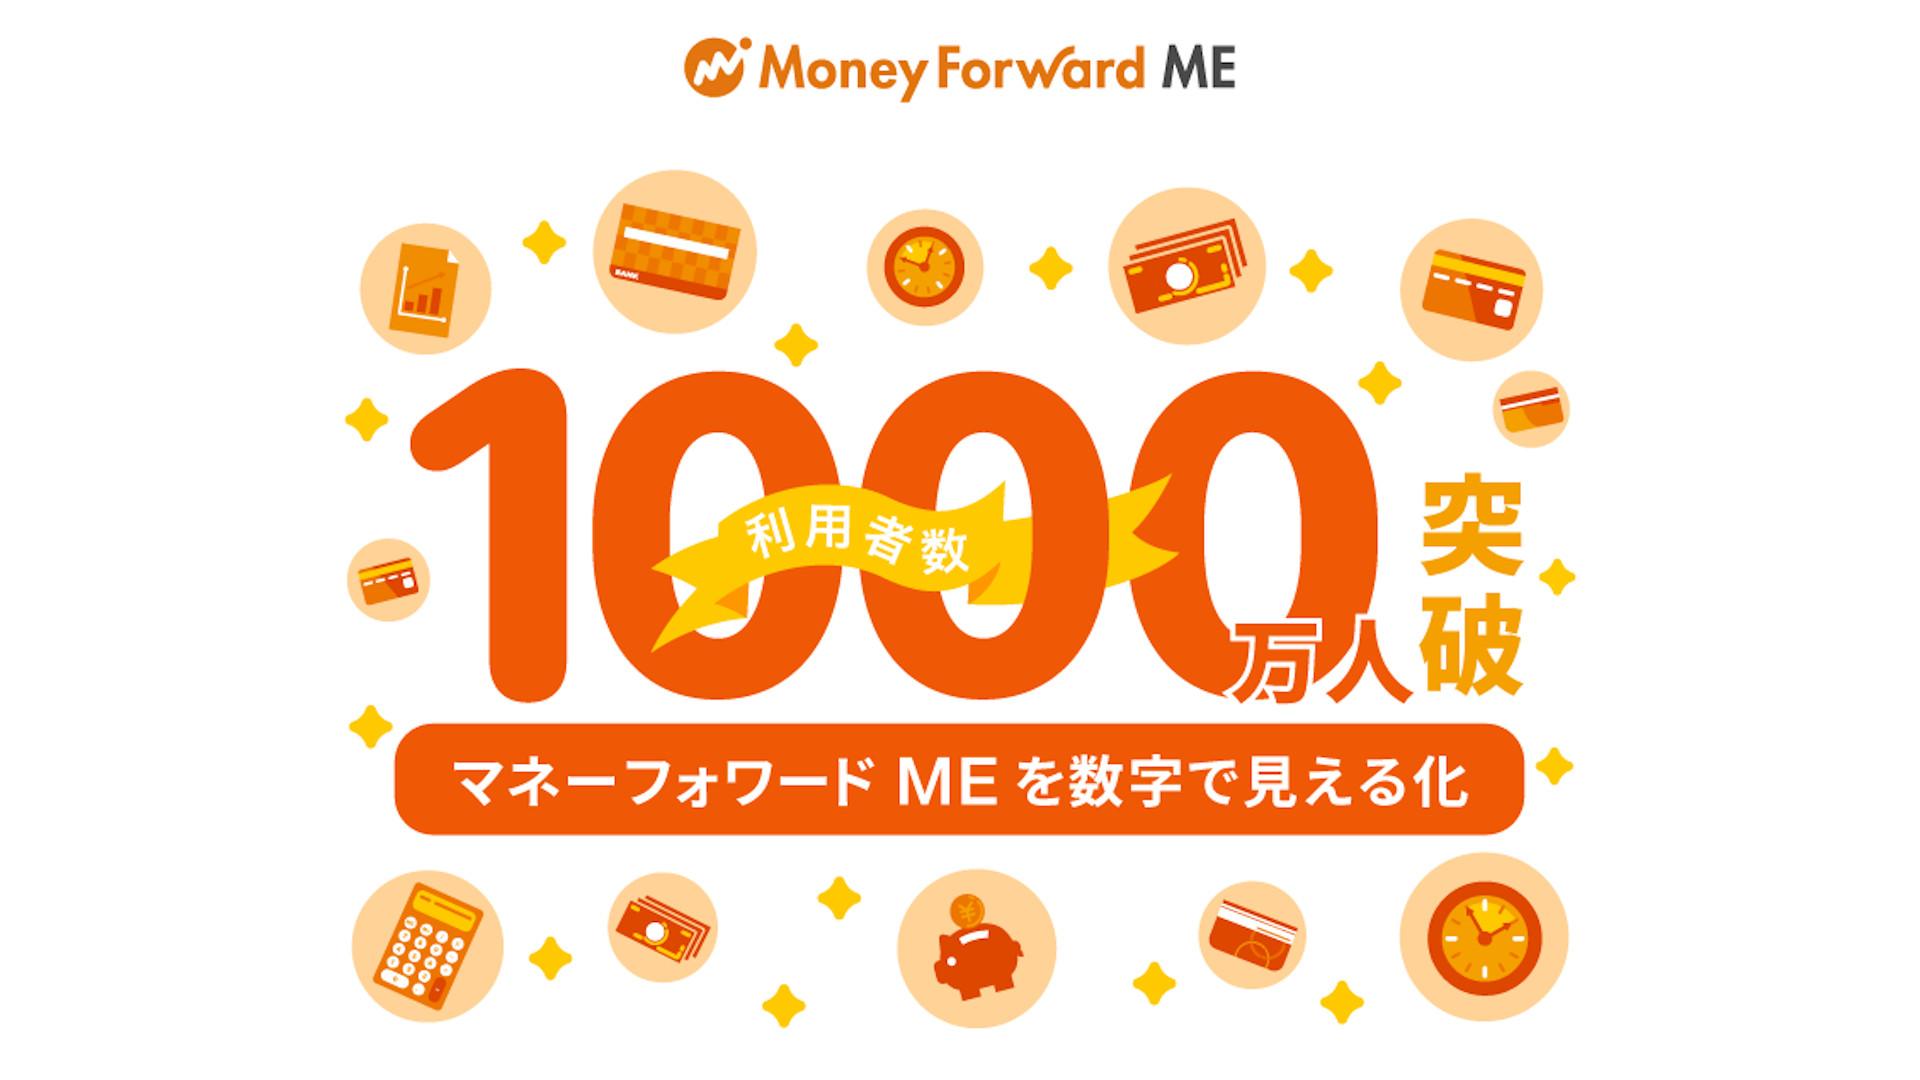 マネーフォワードmeでお金の問題を解決 利用者が1000万人を突破